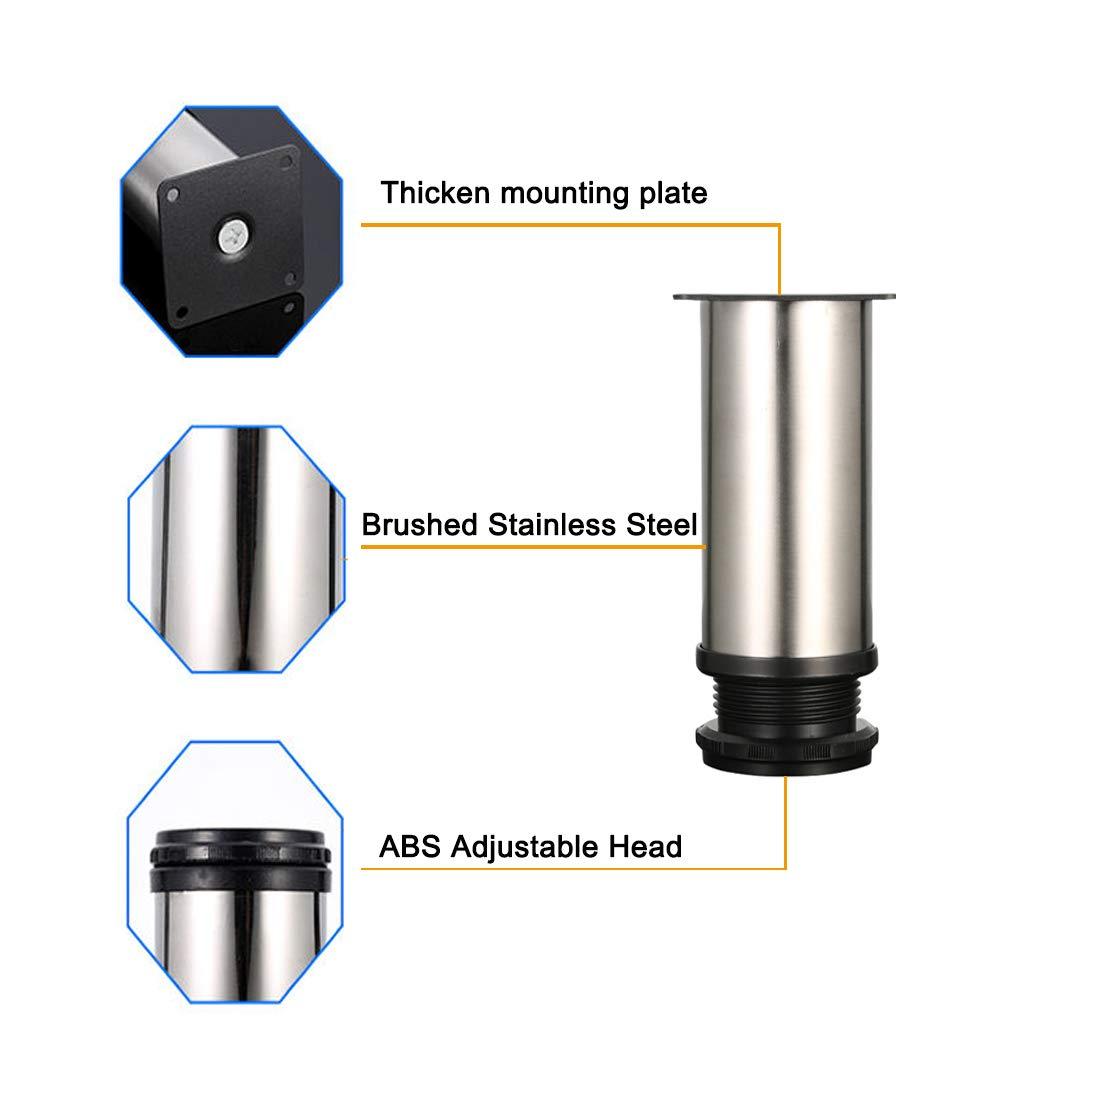 Altura ajustable Metal cromado Total: 120-135mm 4 unidades Patas de Metal muebles regulables armario de cocina pies redondo